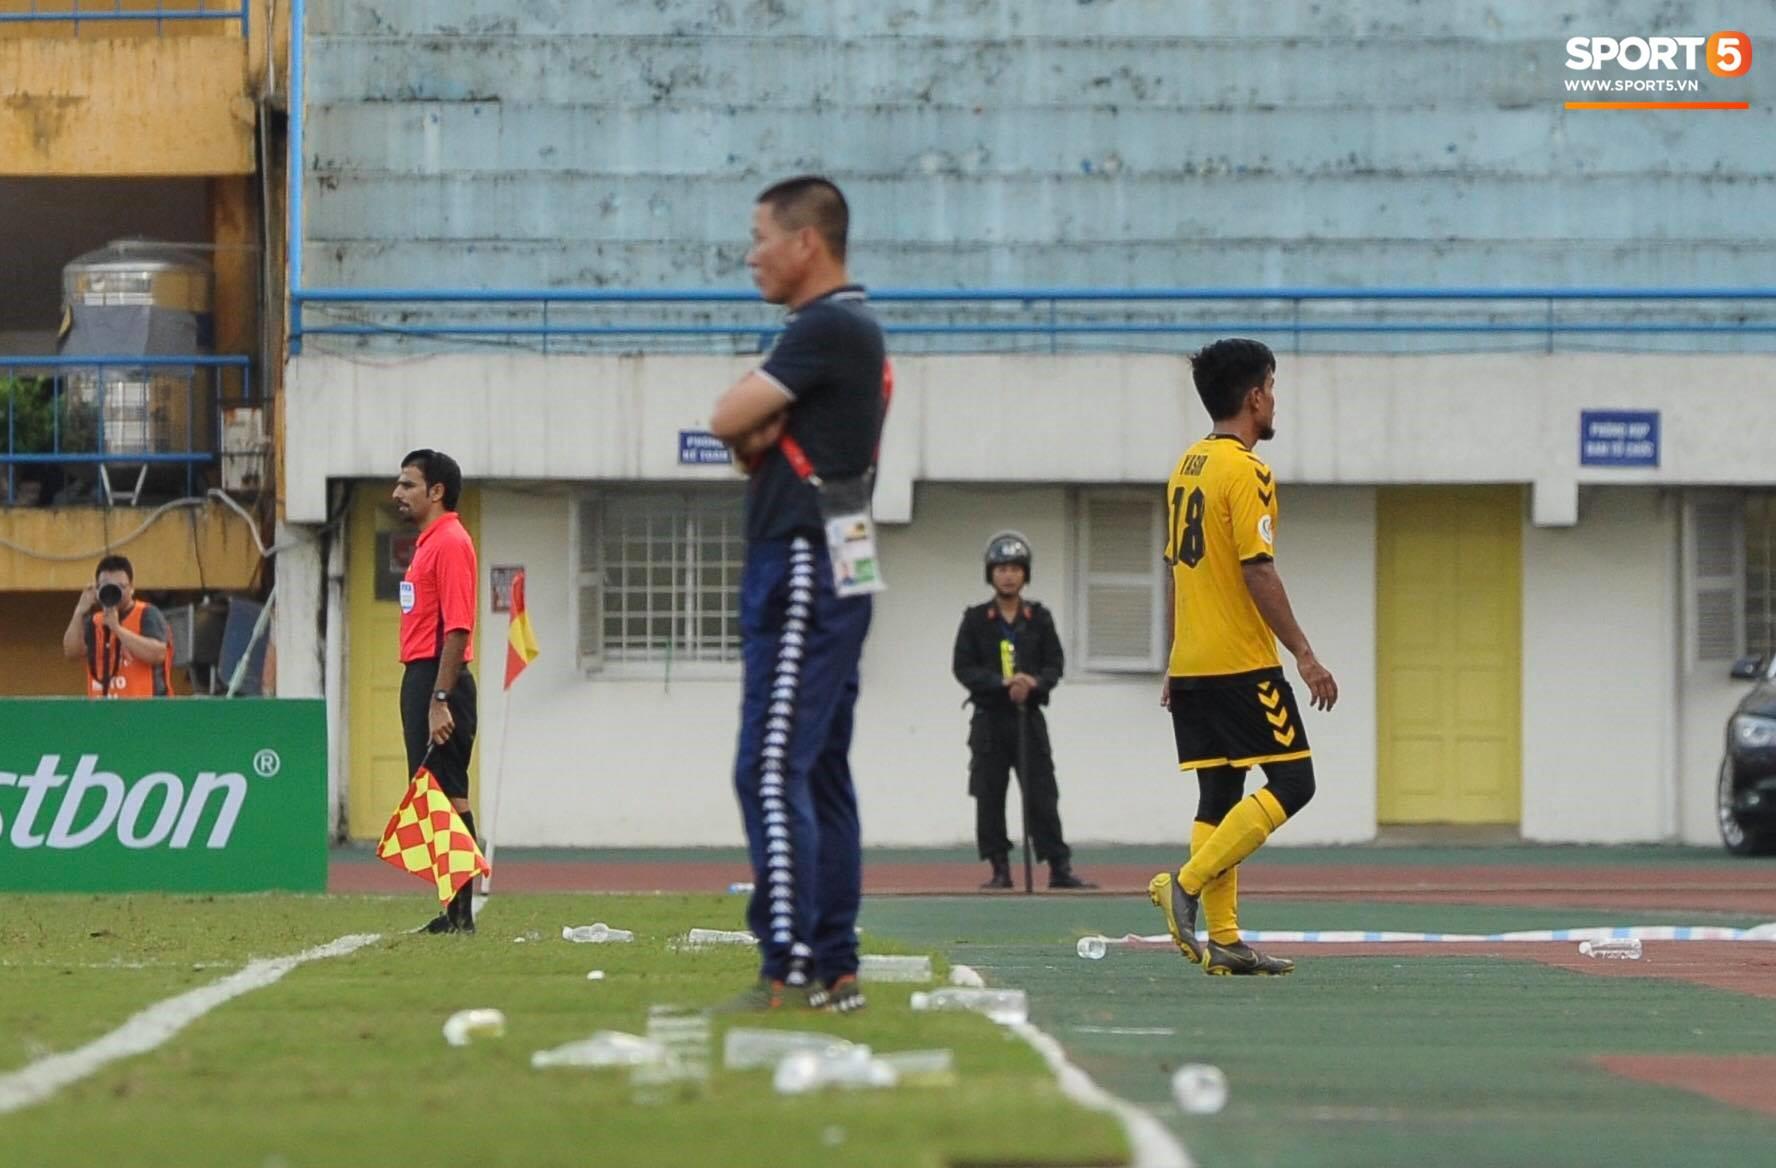 Dùng tiểu xảo với Đình Trọng, tiền vệ Singapore phải nhận thẻ đỏ ngậm ngùi rời sân - Ảnh 2.